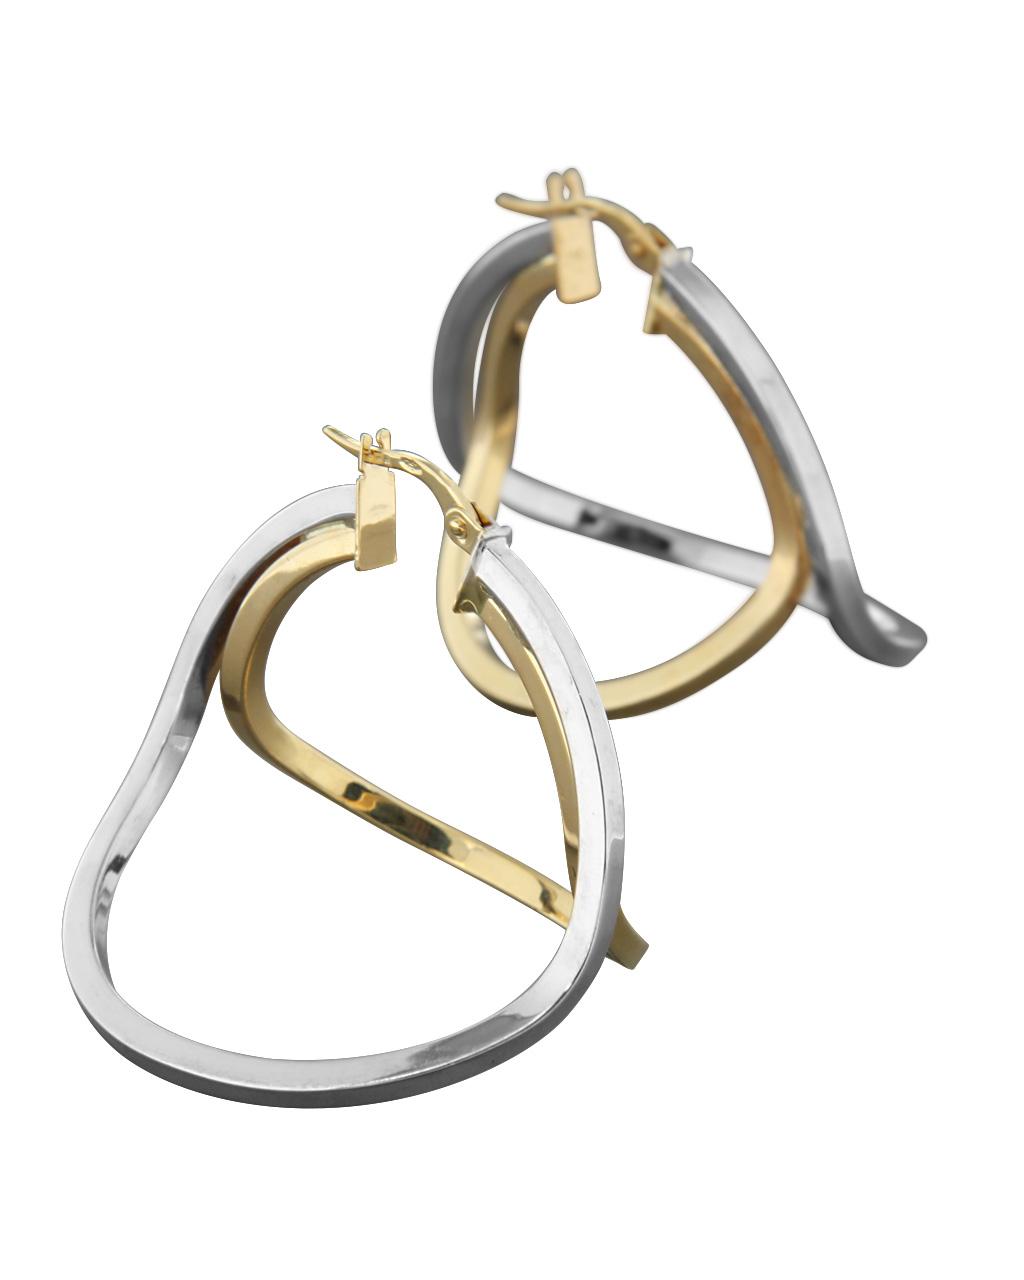 Σκουλαρίκια κρίκοι λευκόχρυσα & χρυσά Κ18   γυναικα σκουλαρίκια σκουλαρίκια κρίκοι